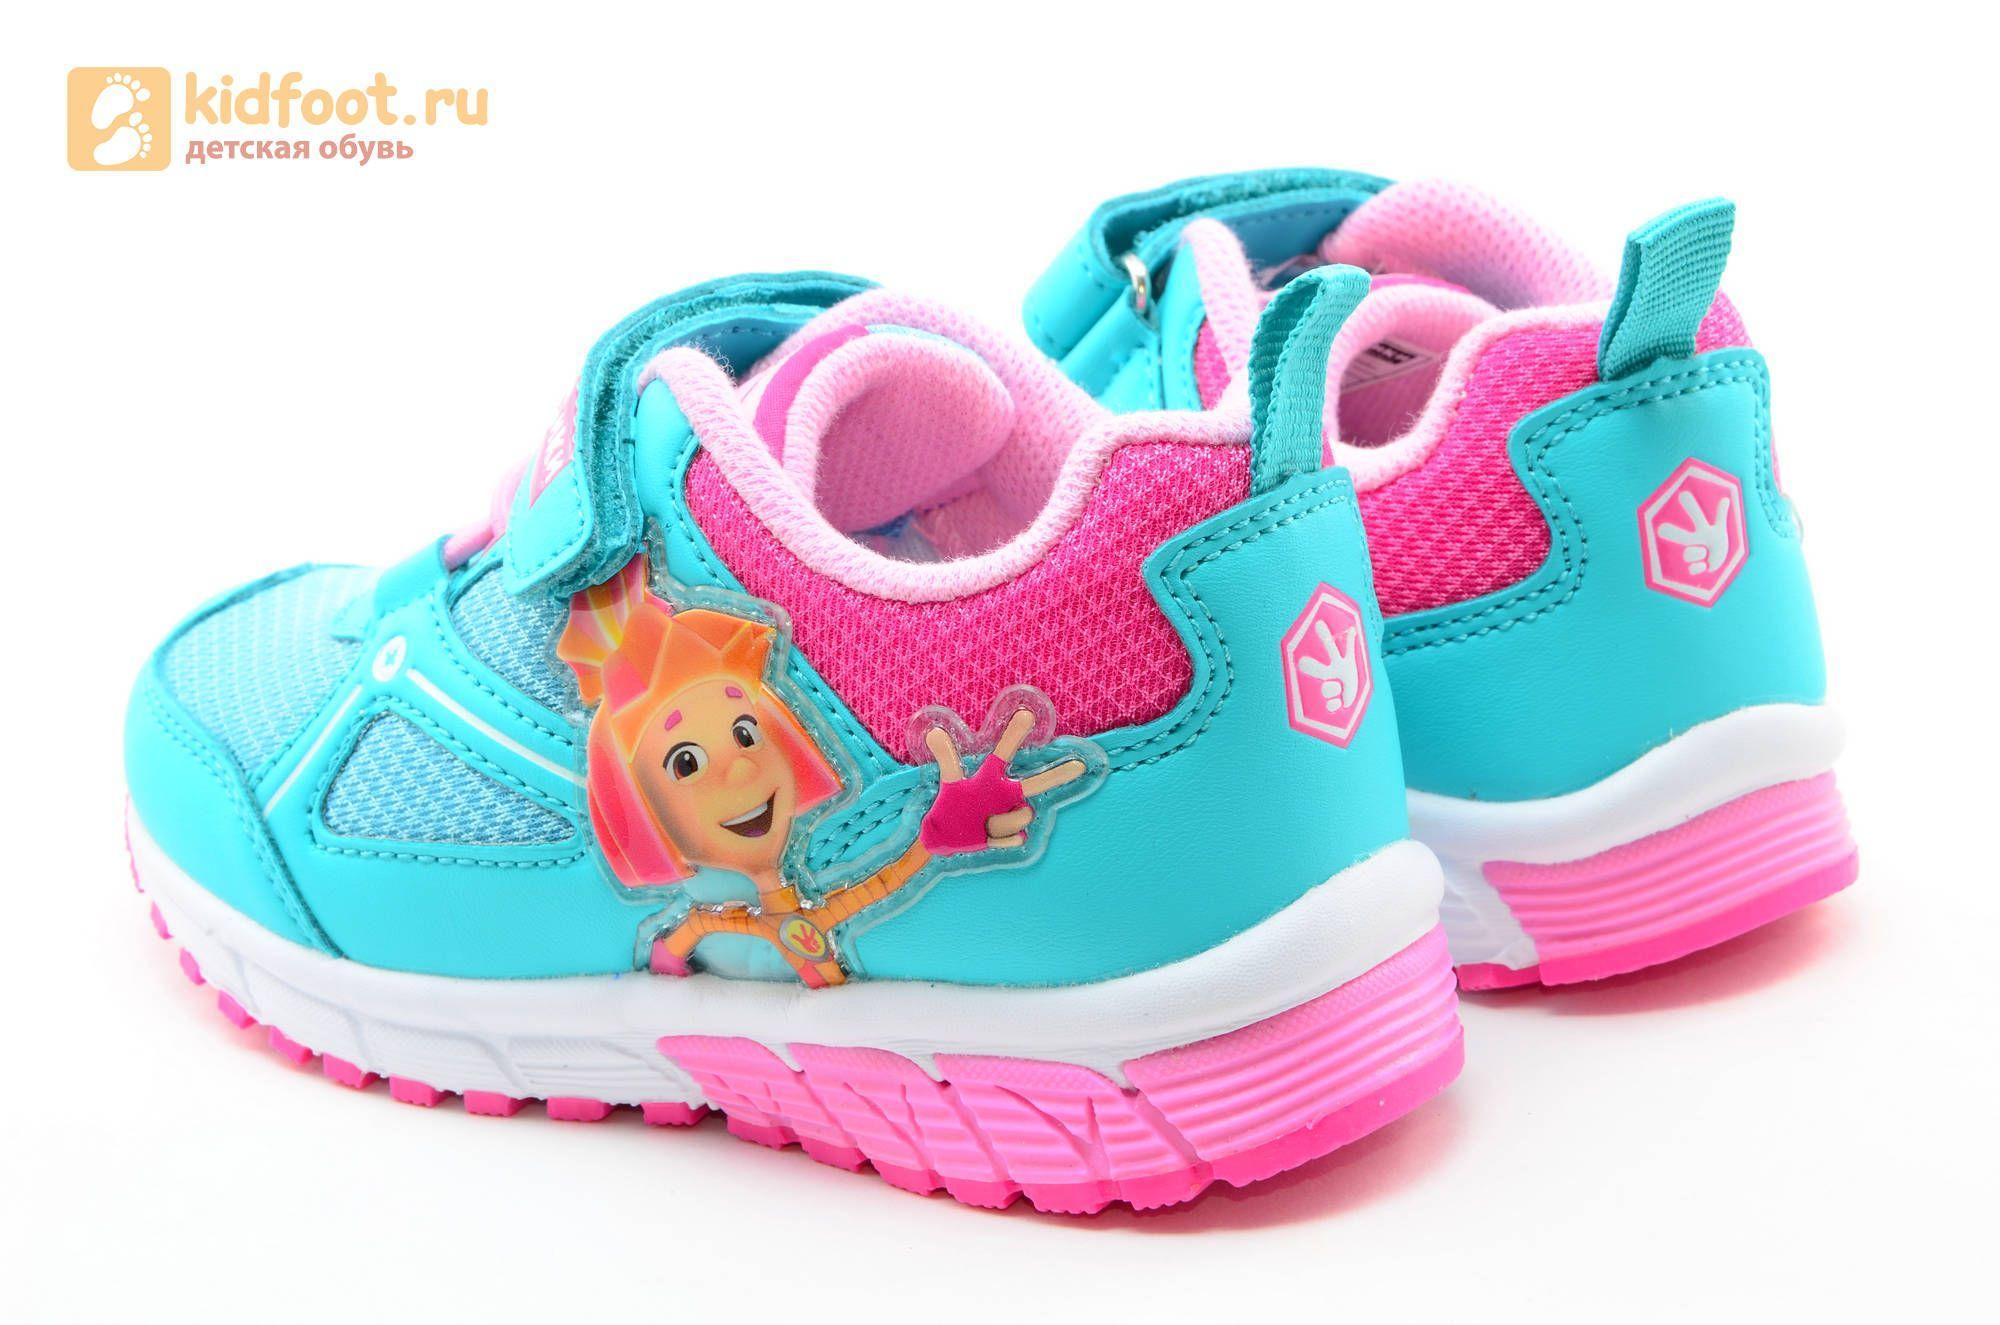 Светящиеся кроссовки для девочек Фиксики на липучках, цвет бирюзовый, мигает картинка сбоку